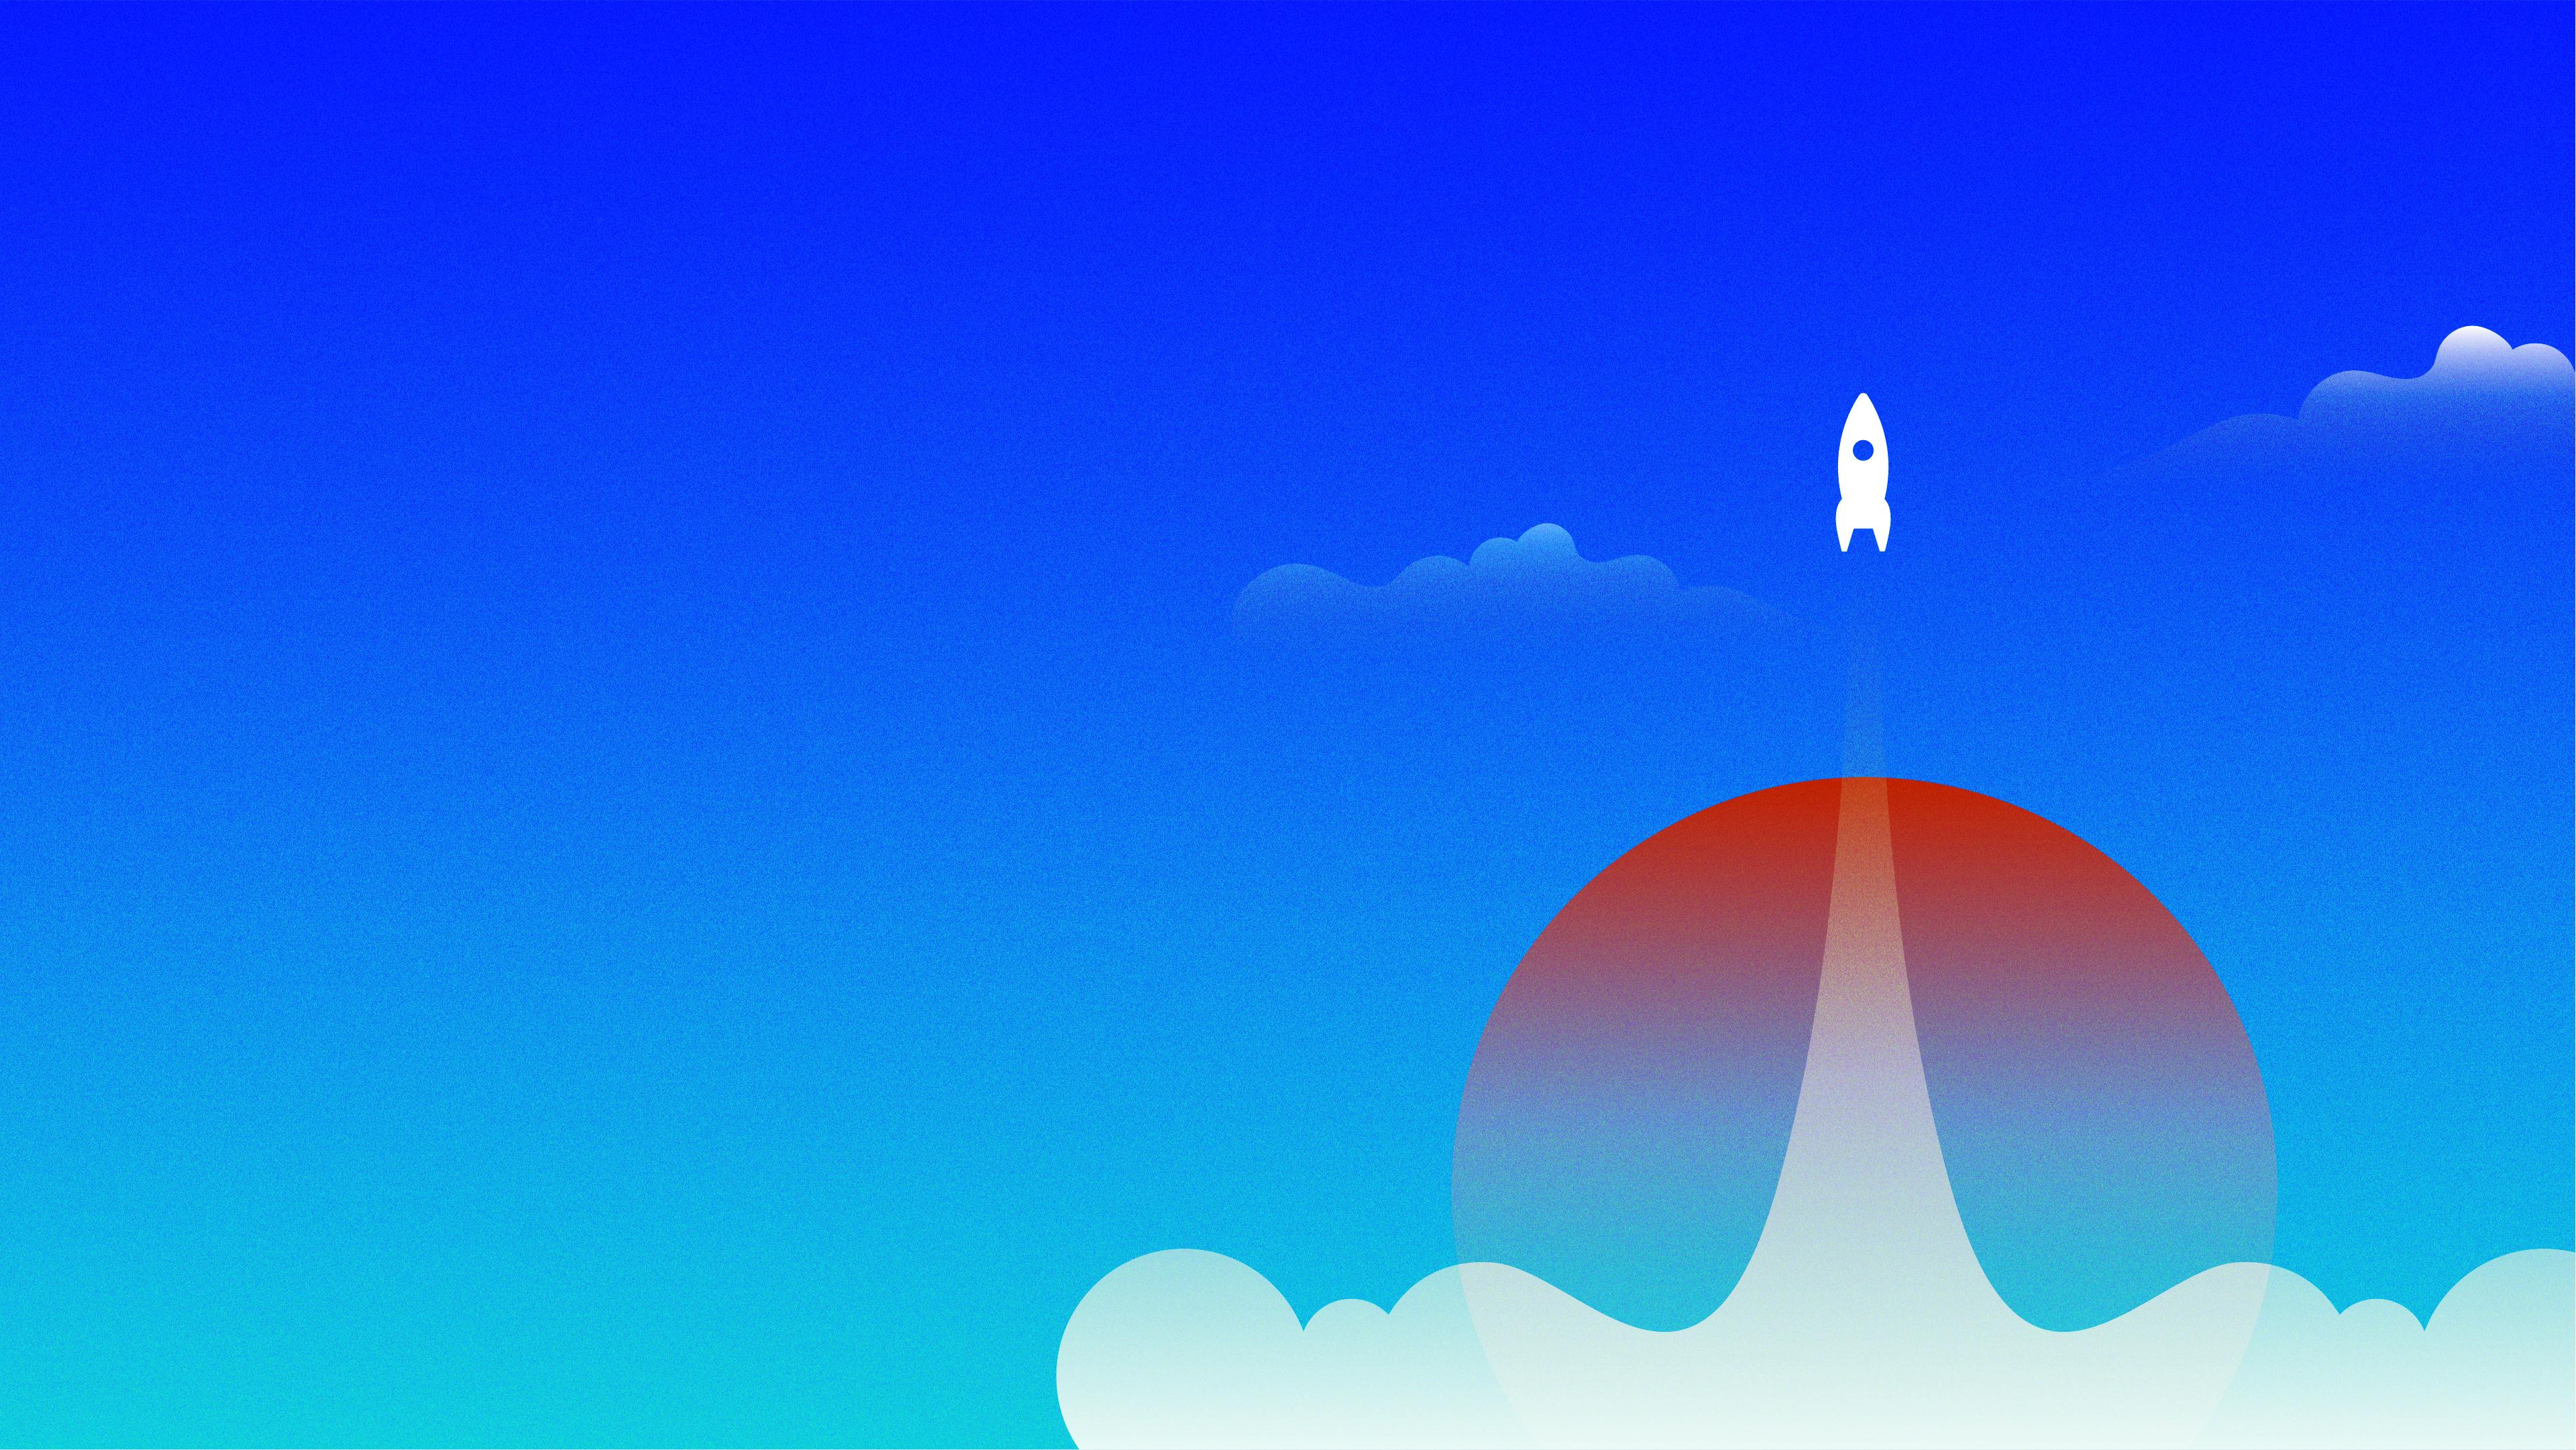 Horizontal Rocket Background-1